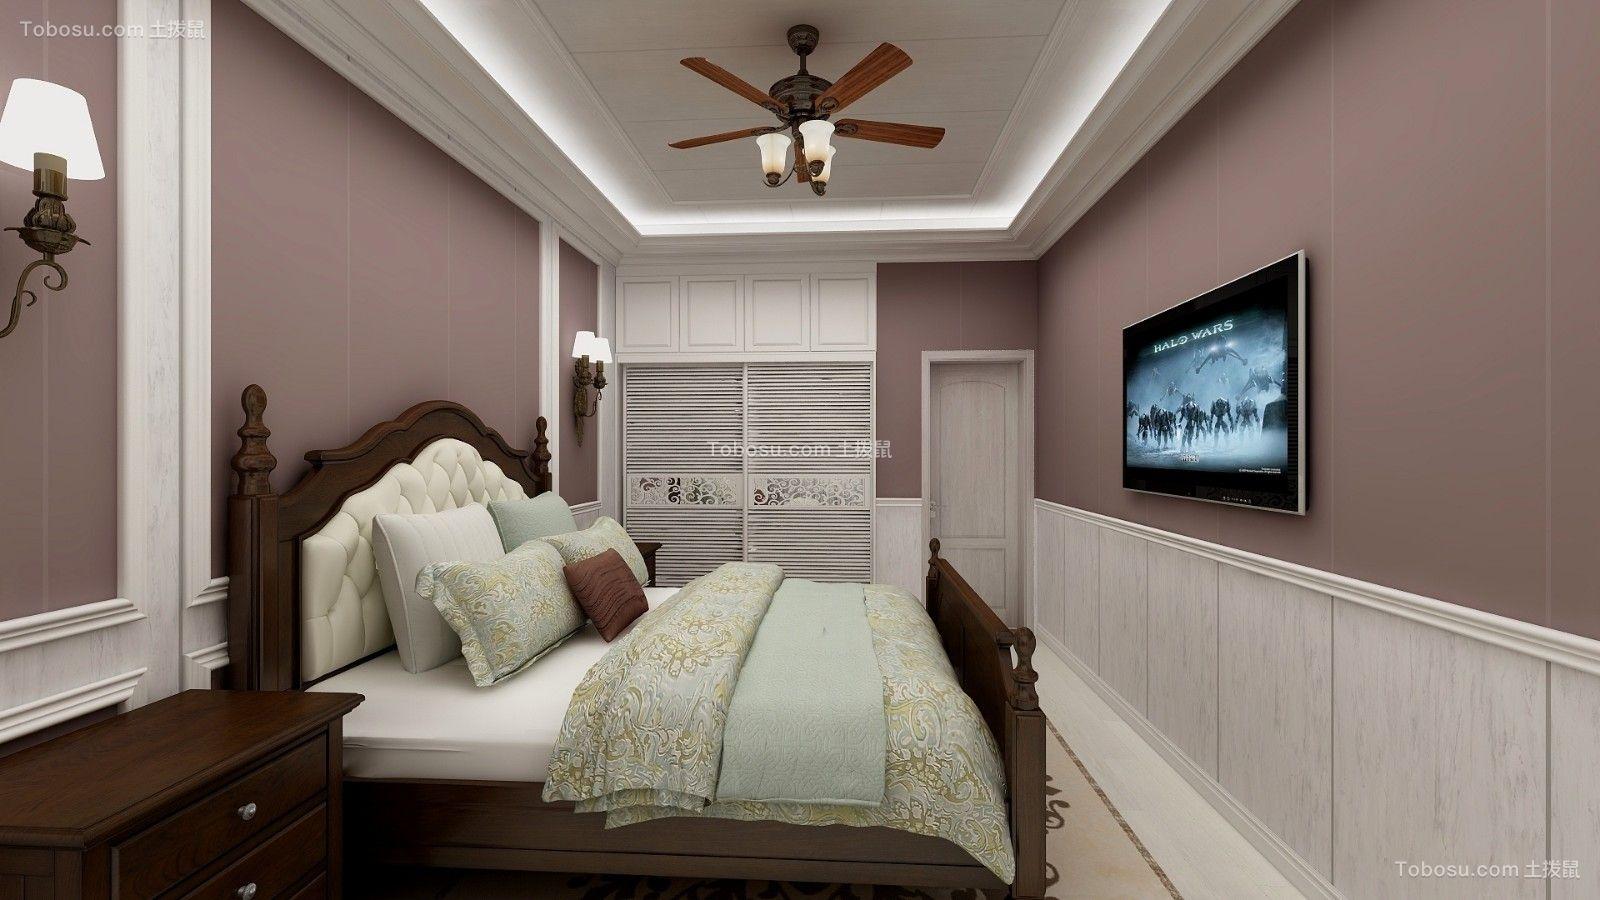 2018美式卧室装修设计图片 2018美式背景墙装饰设计